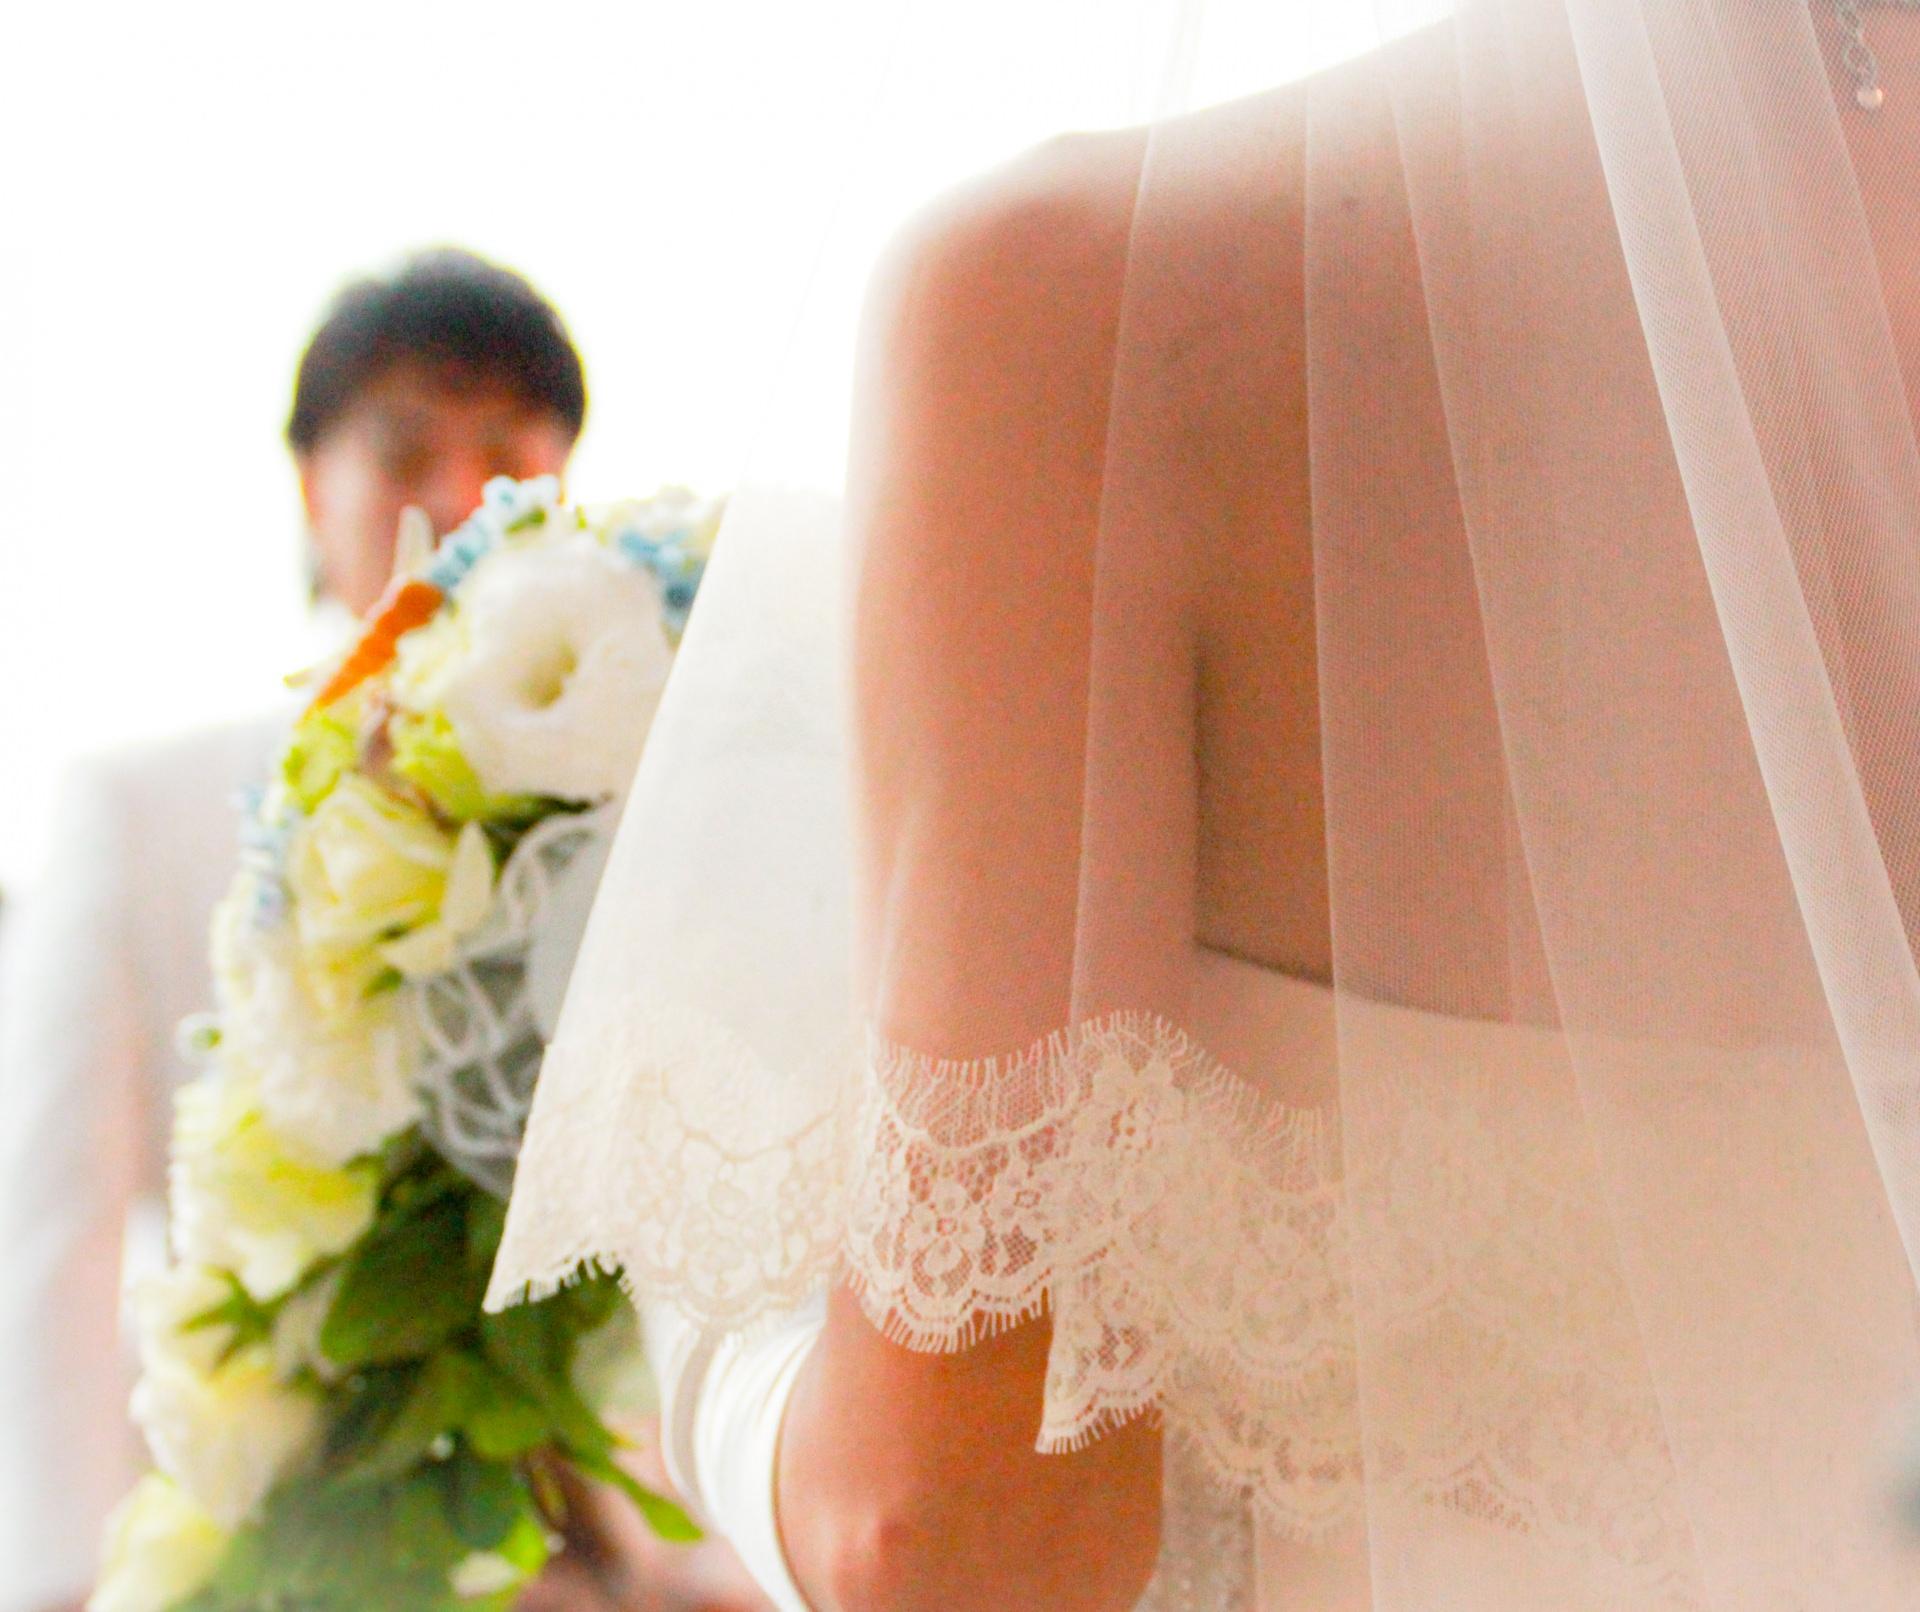 婿養子の離婚